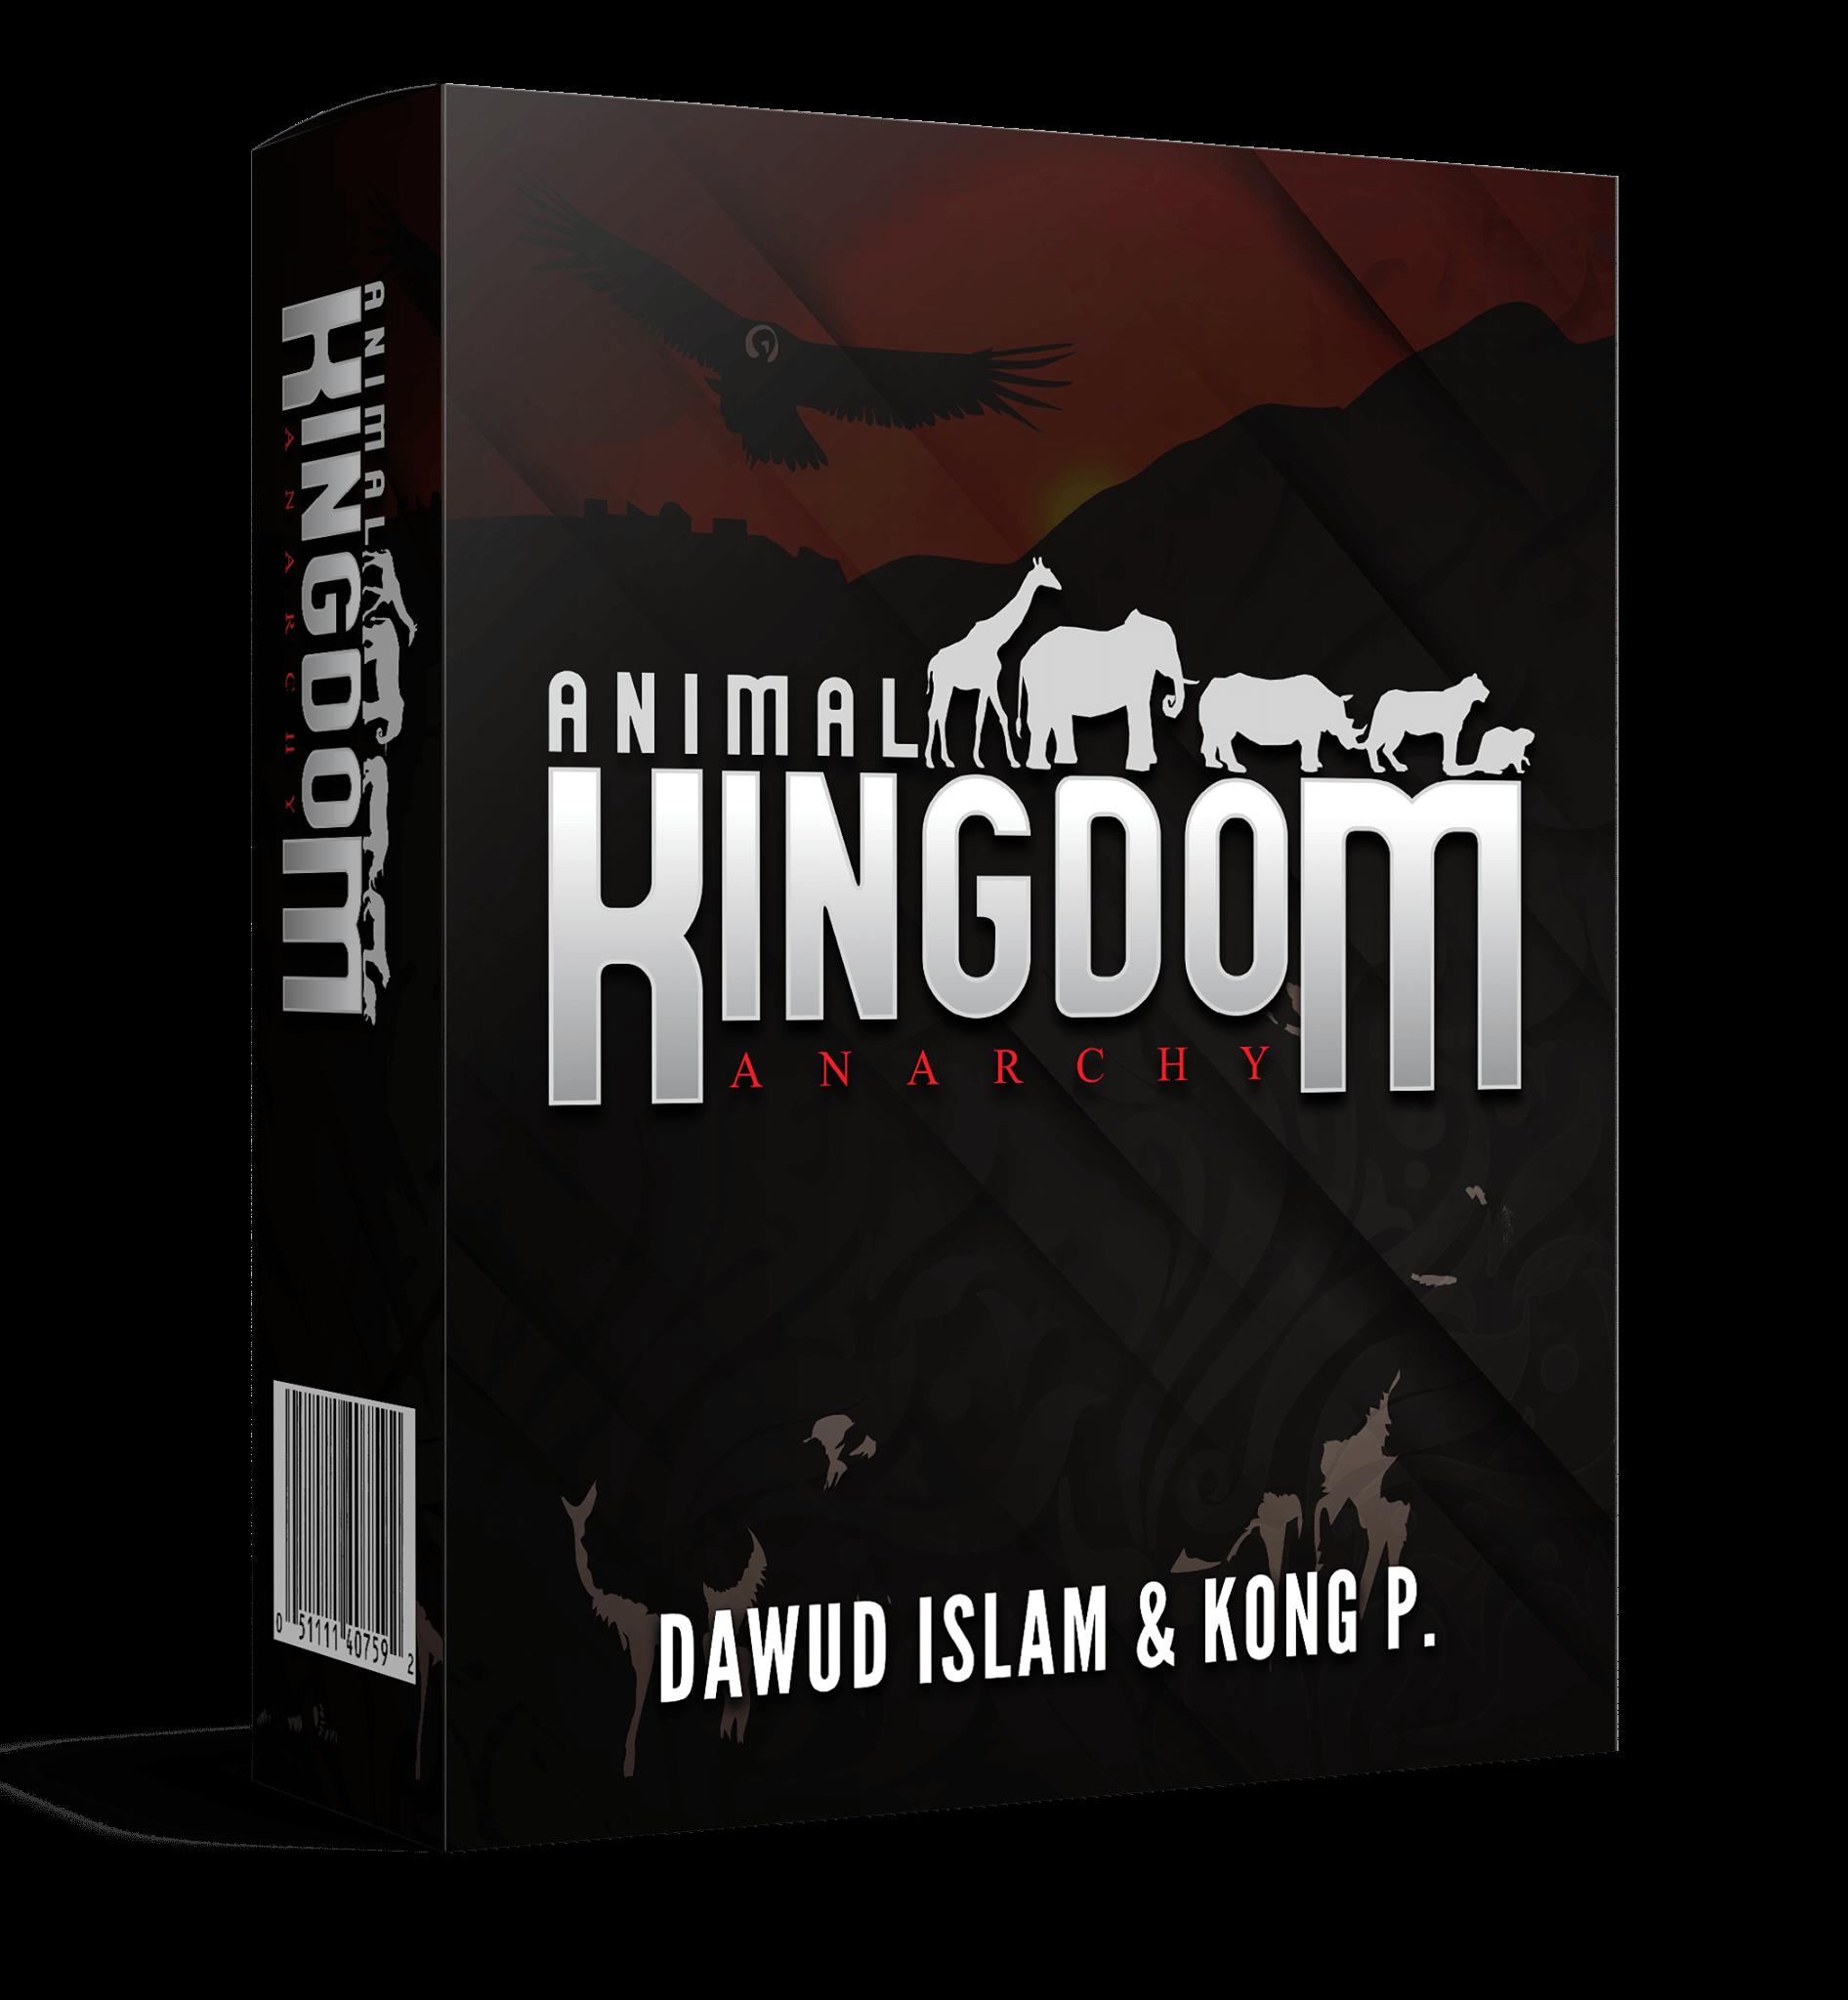 Animal-Kingdom-Anarchy-Review